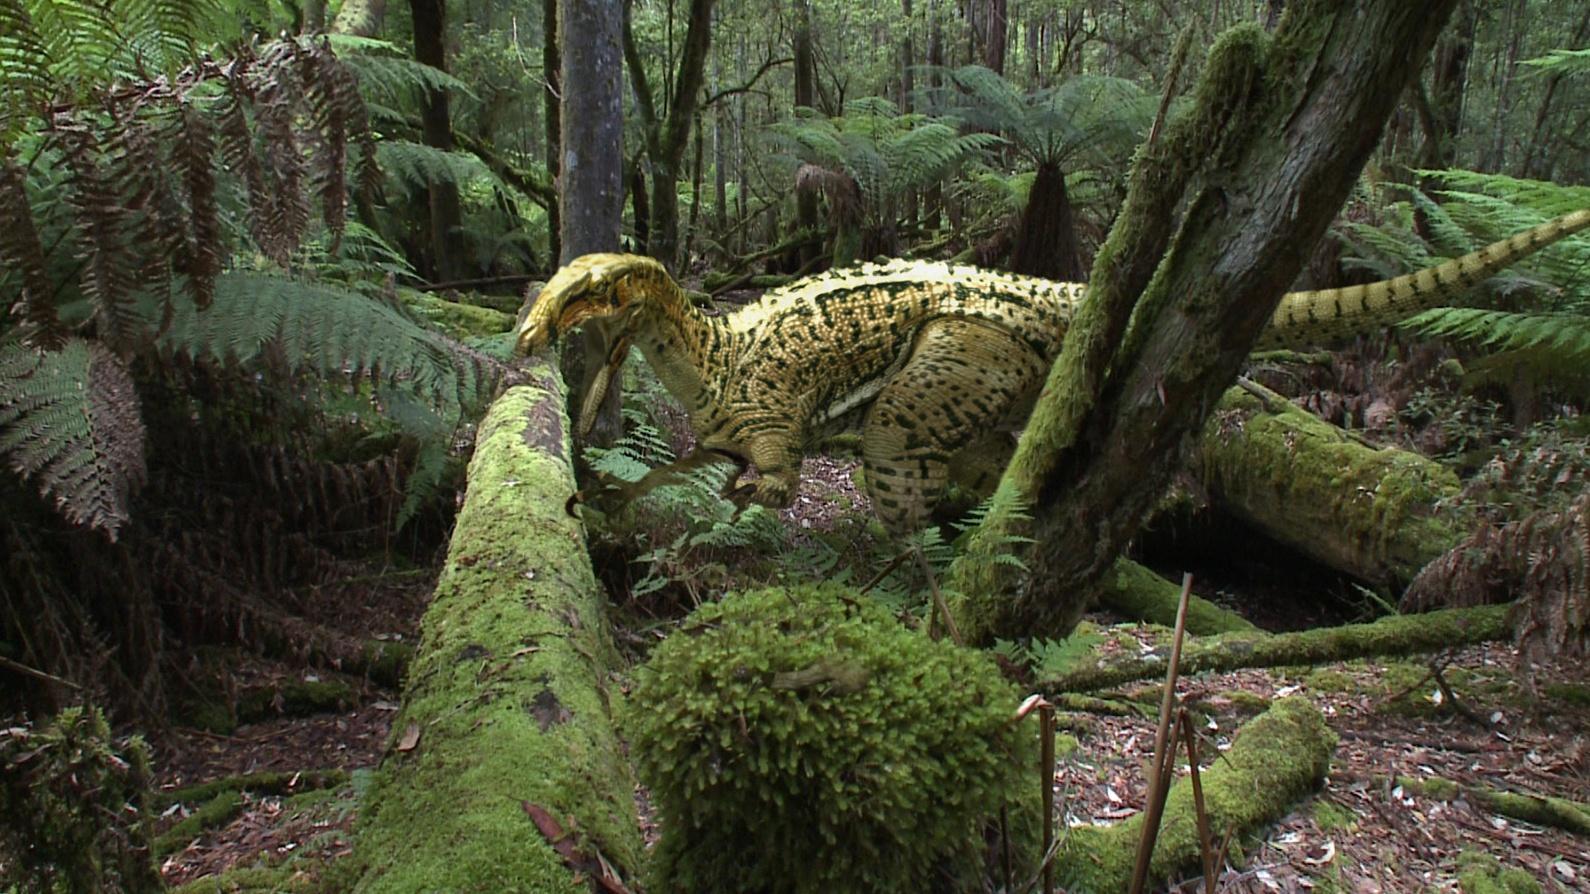 Australia's First 4 Billion Years: Monsters Hero